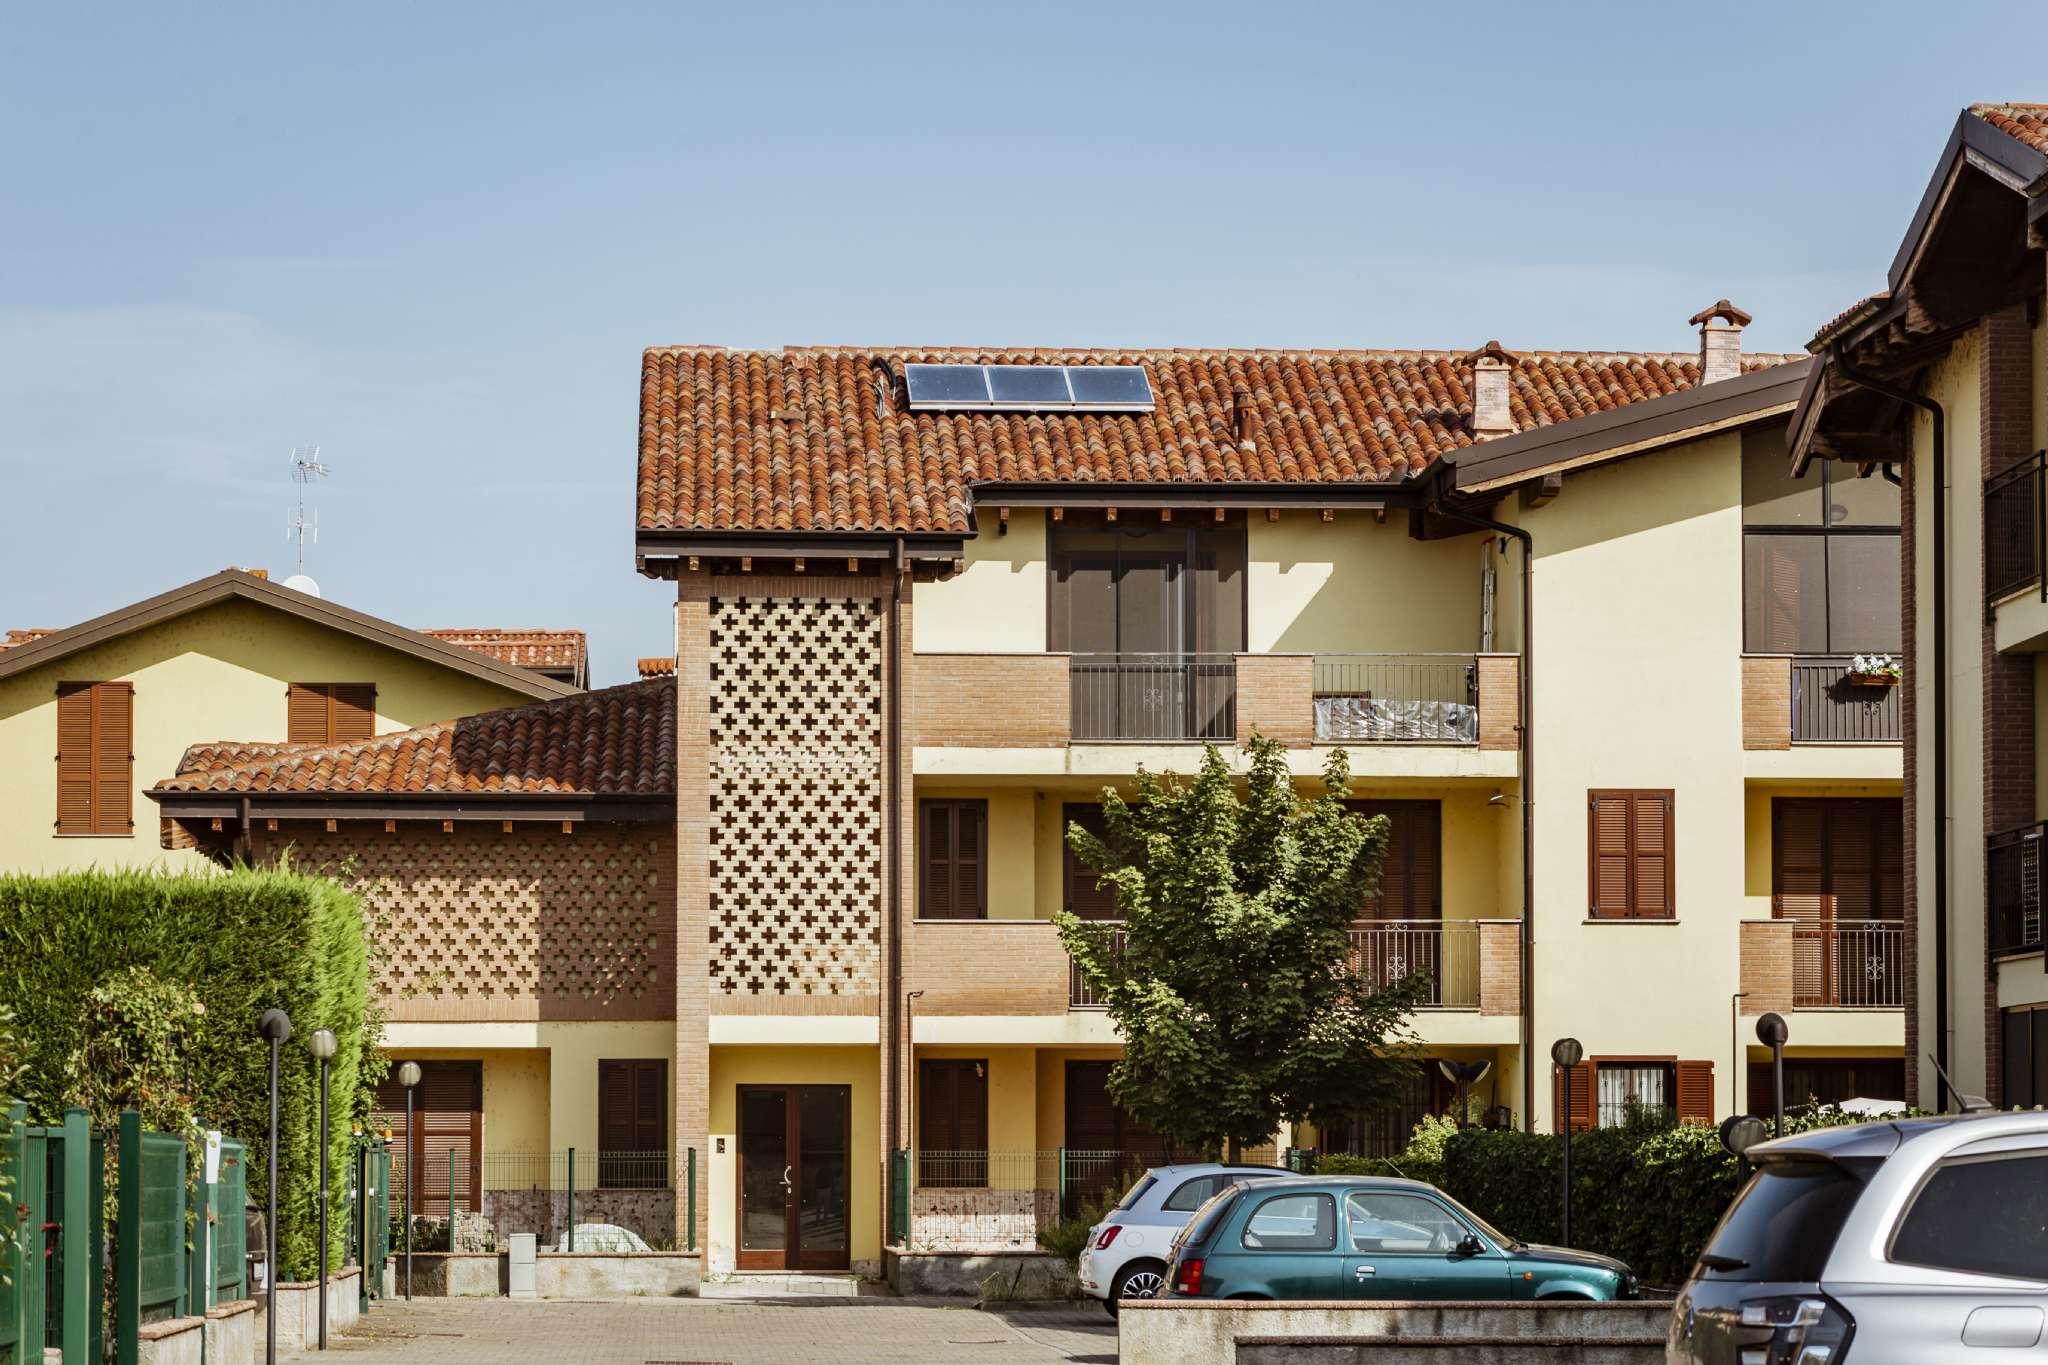 Appartamento in vendita a Certosa di Pavia, 2 locali, prezzo € 84.000 | PortaleAgenzieImmobiliari.it